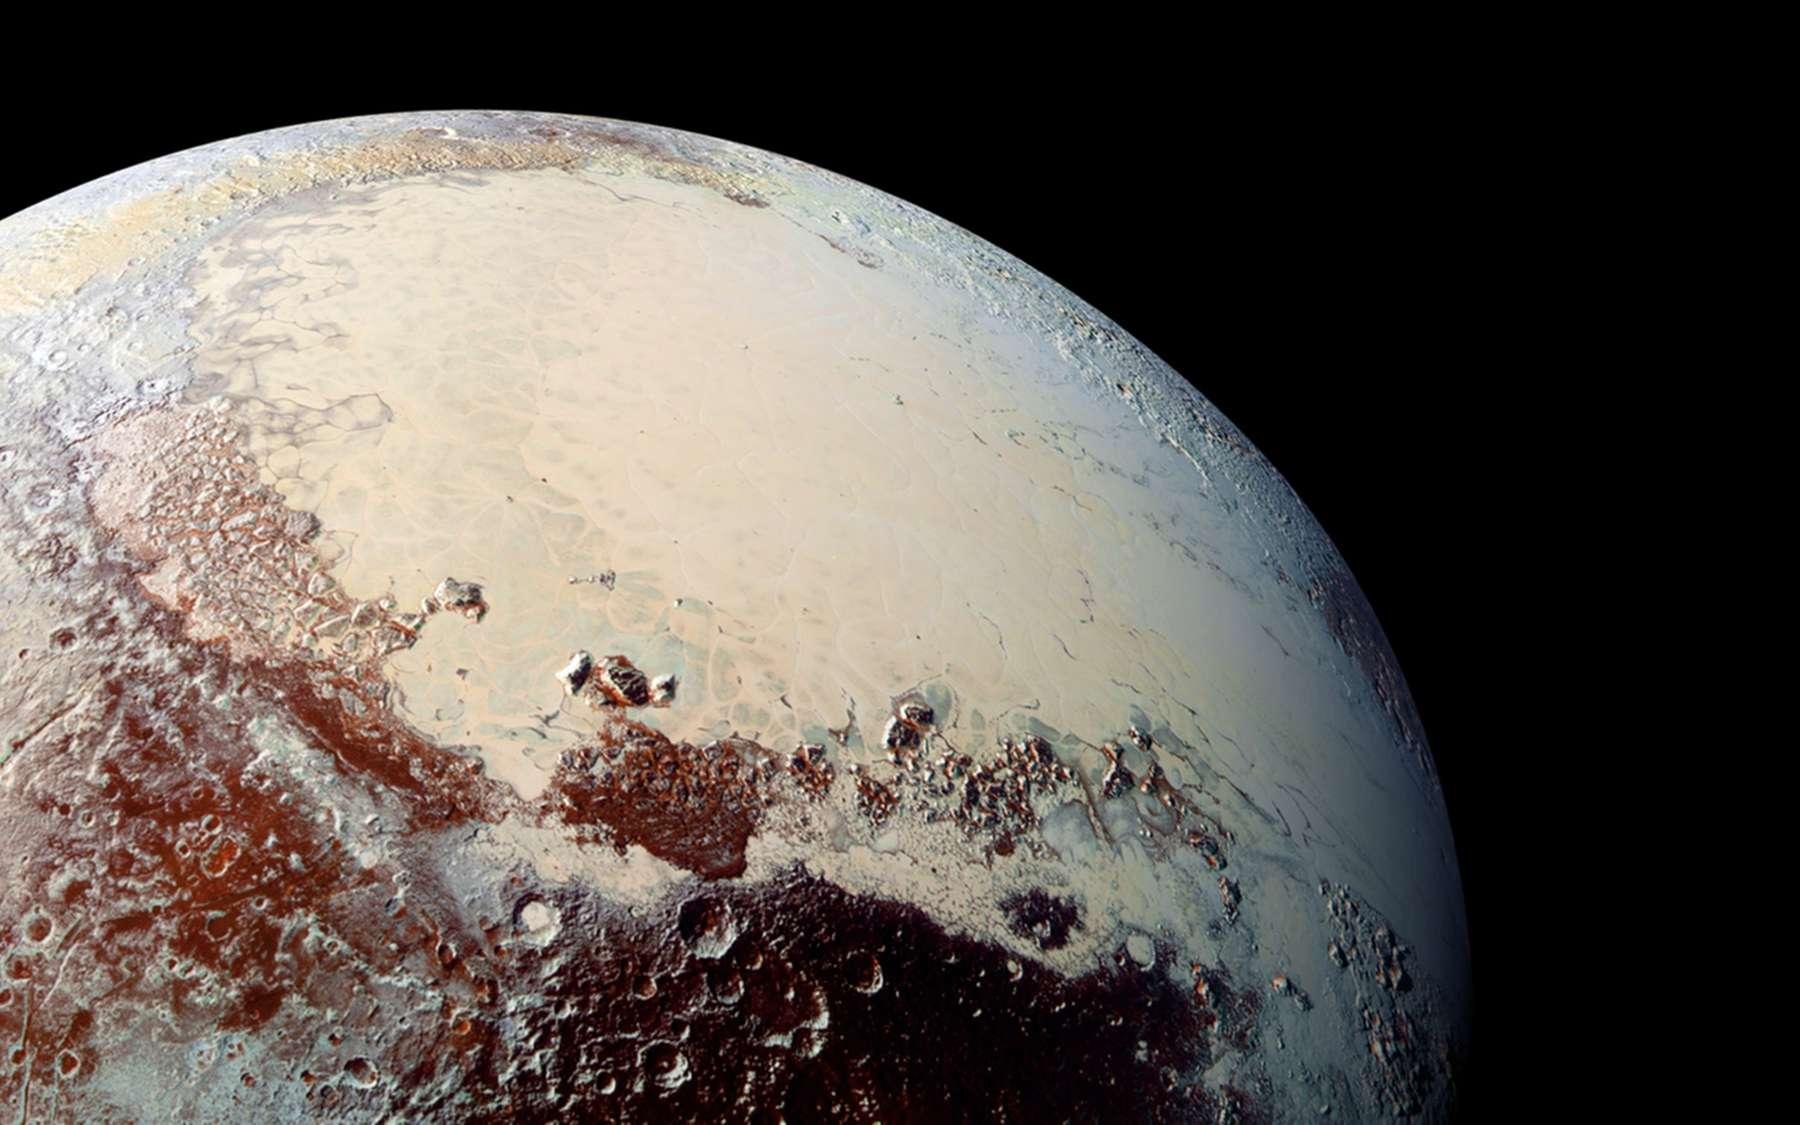 En juillet 2015, l'humanité découvrait le vrai visage de Pluton grâce à la sonde New Horizons. © Nasa, JHUAPL, SwRI